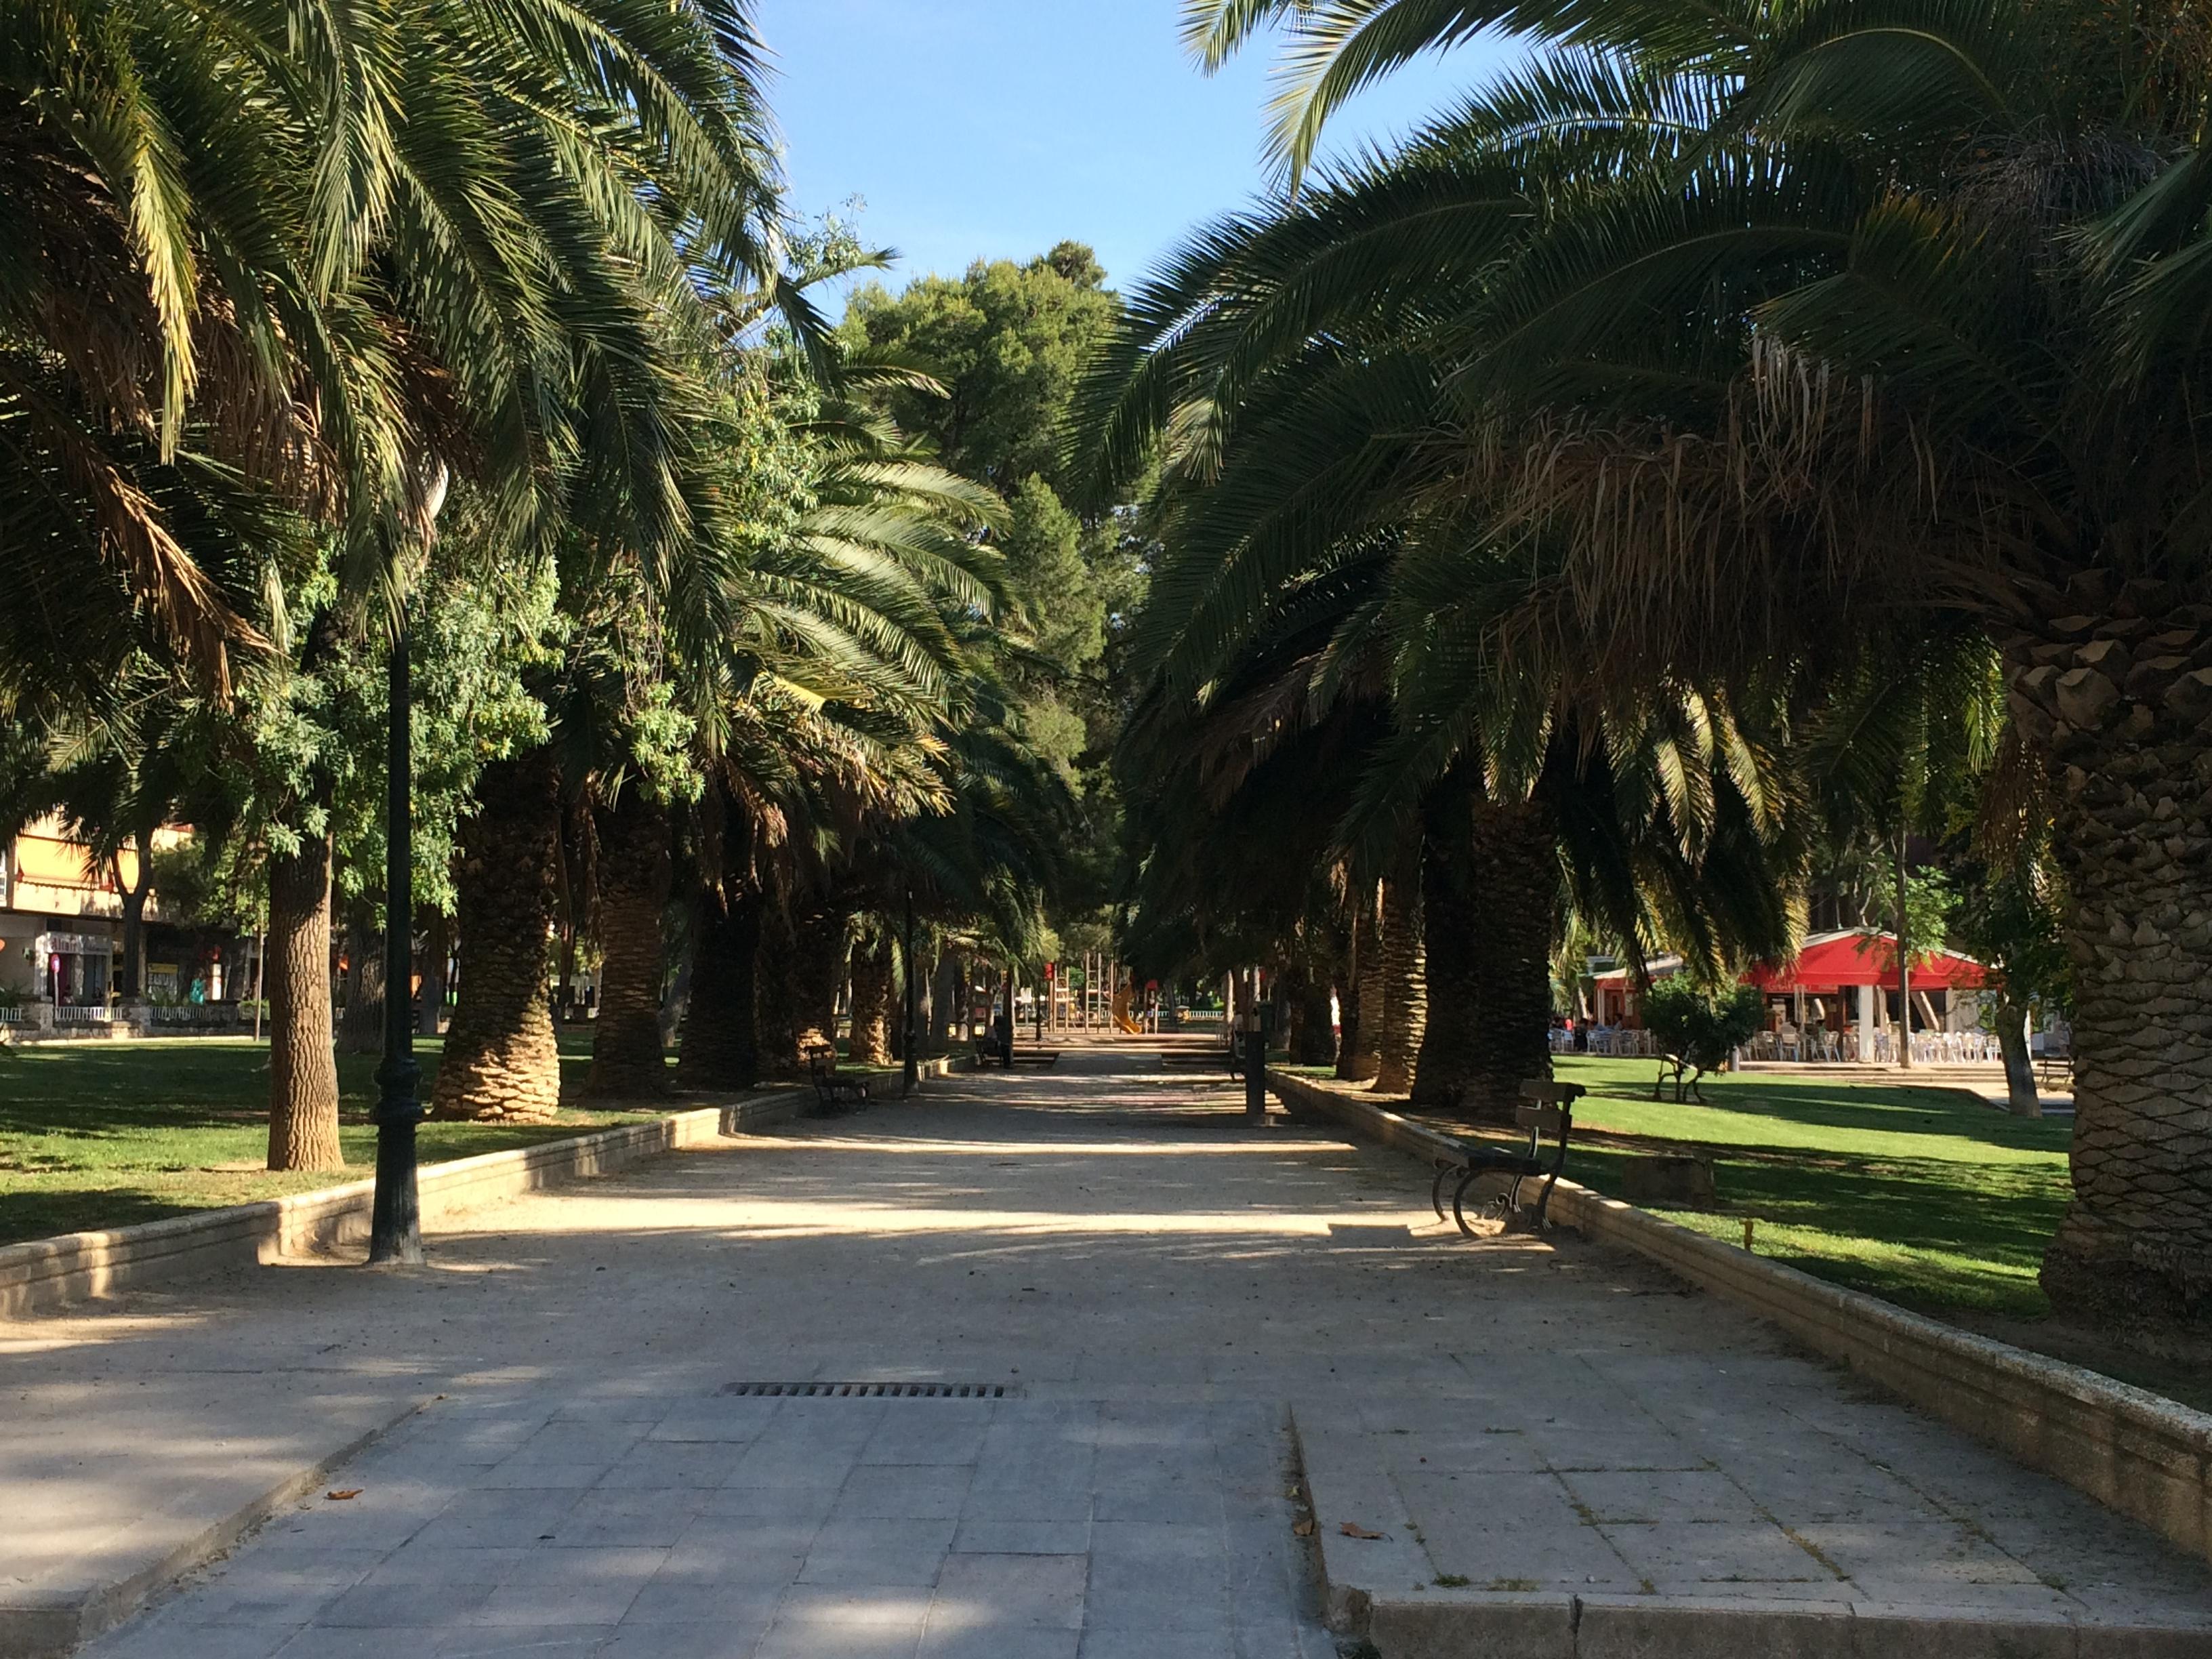 Parque Pignatelli Zaragoza Mapa.Parque Pignatelli Wikipedia La Enciclopedia Libre